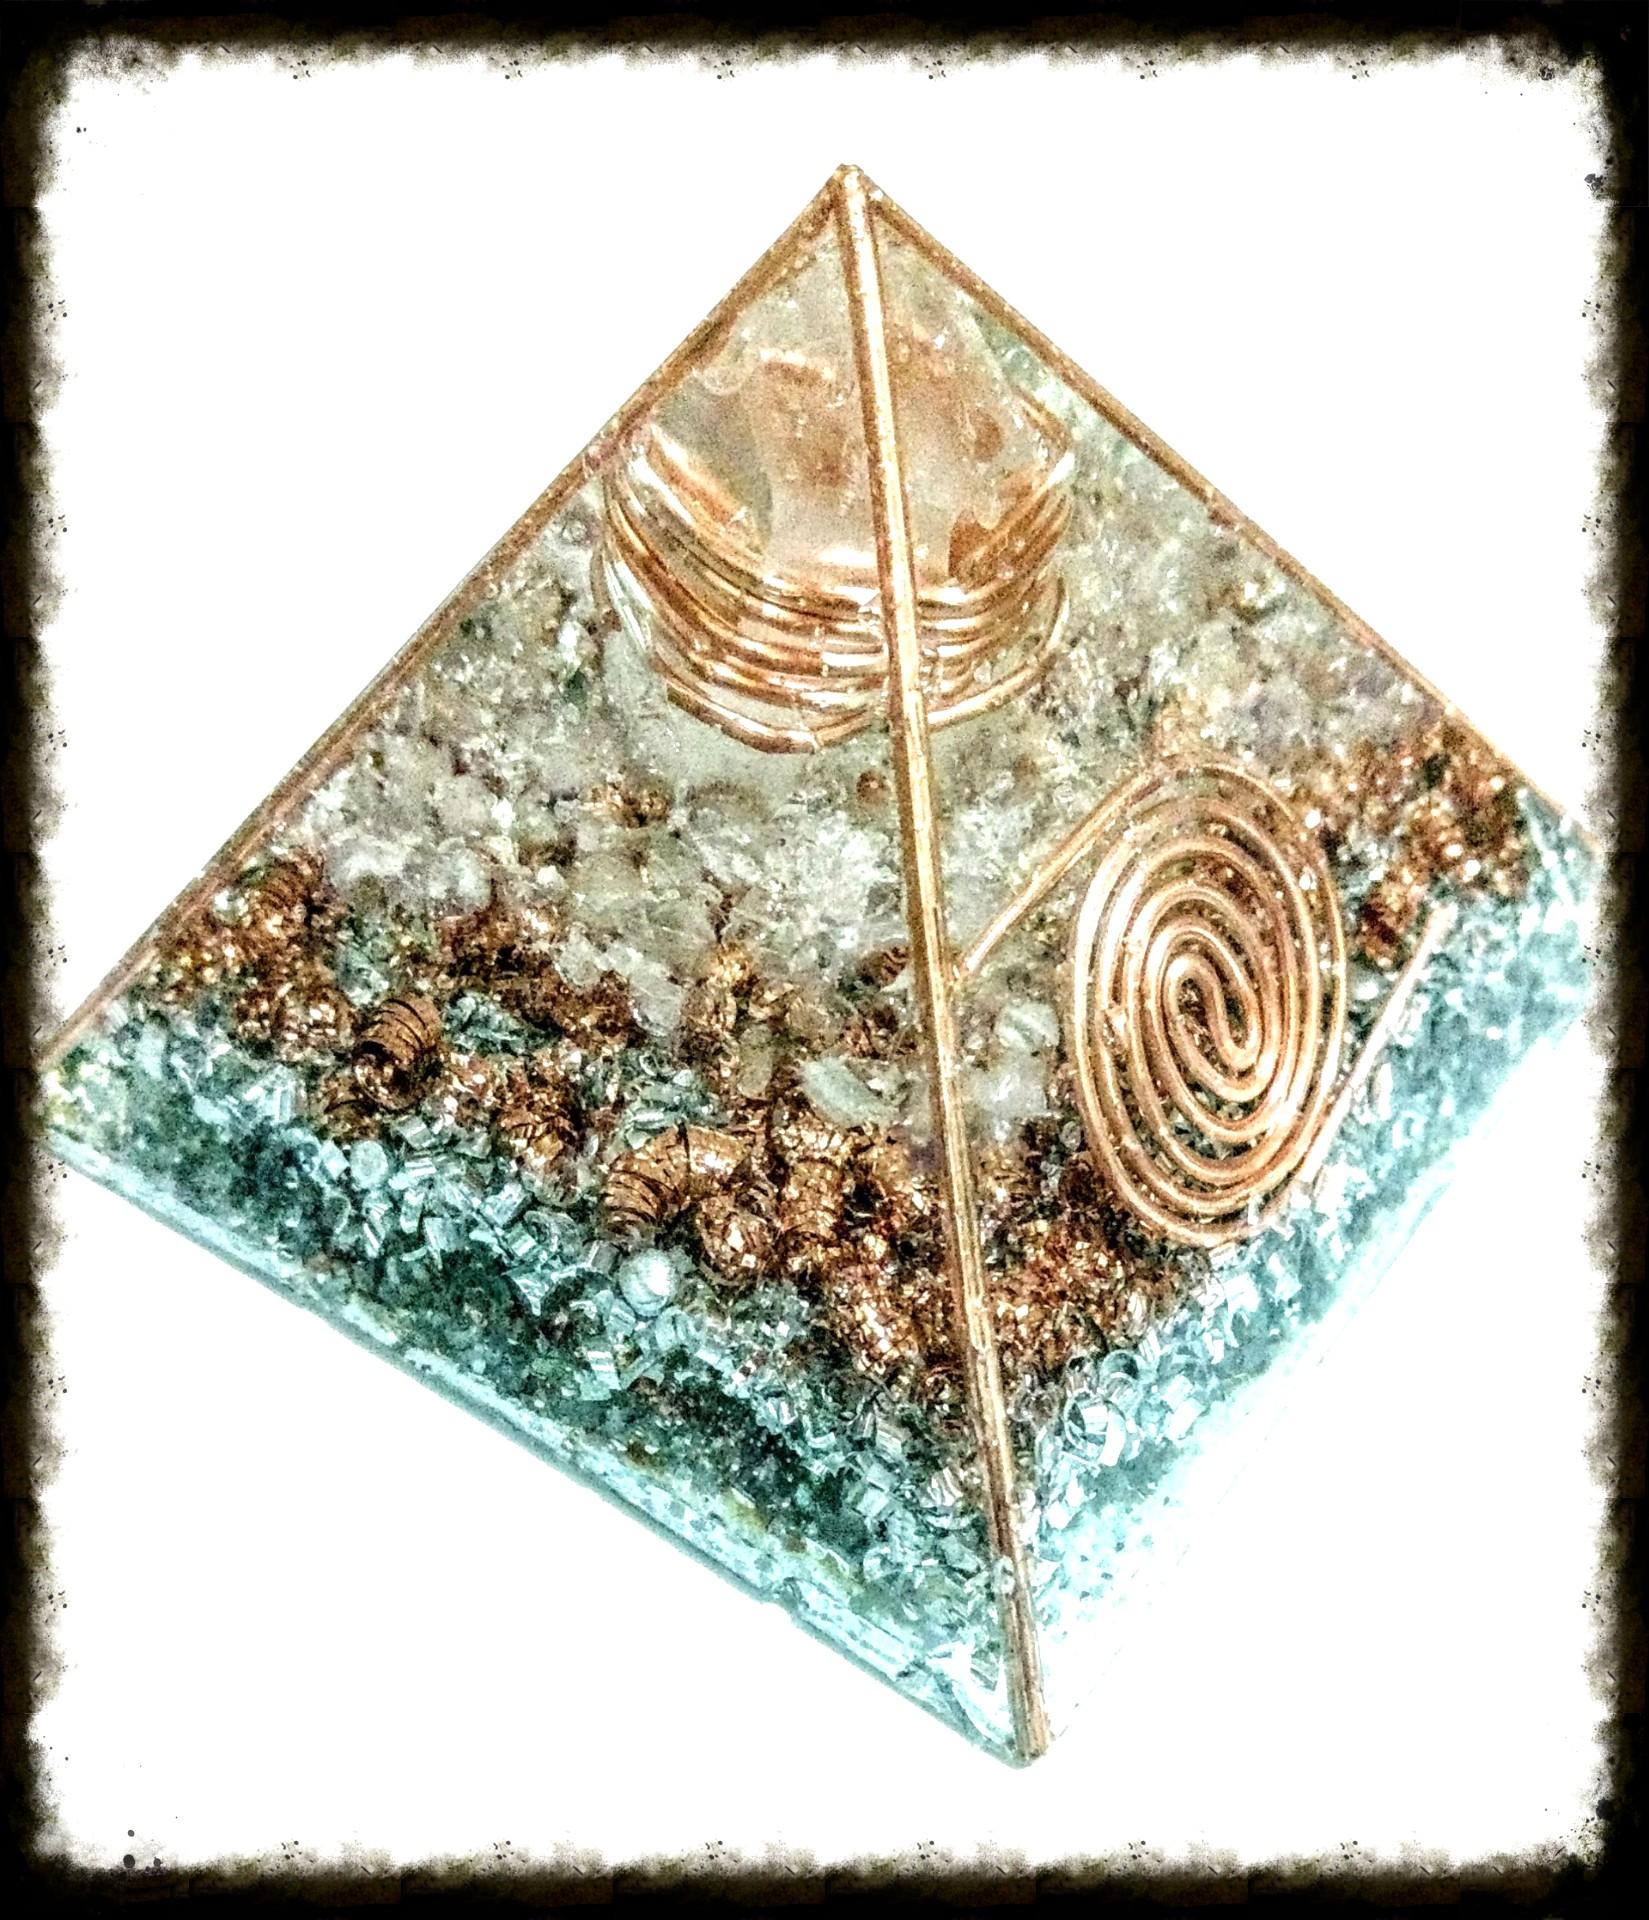 Piramide de cuarzo cristal, cobre, cuarzo rosado, cobre y aluminio